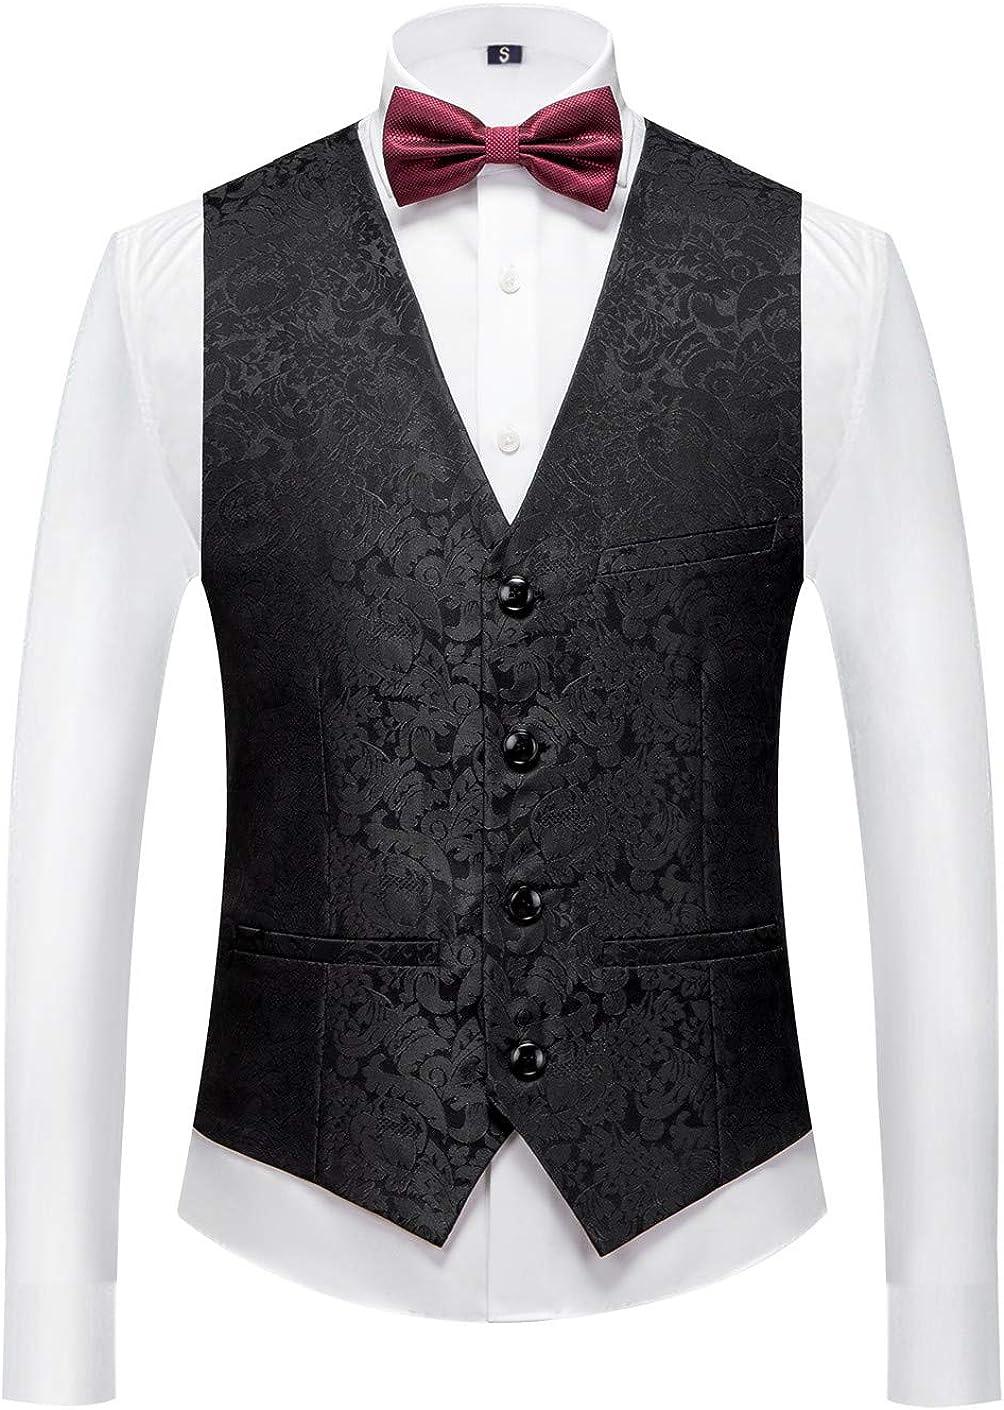 MOGU Mens Tuxedo Suit Vest Slim Fit Wedding Party Waistcoat